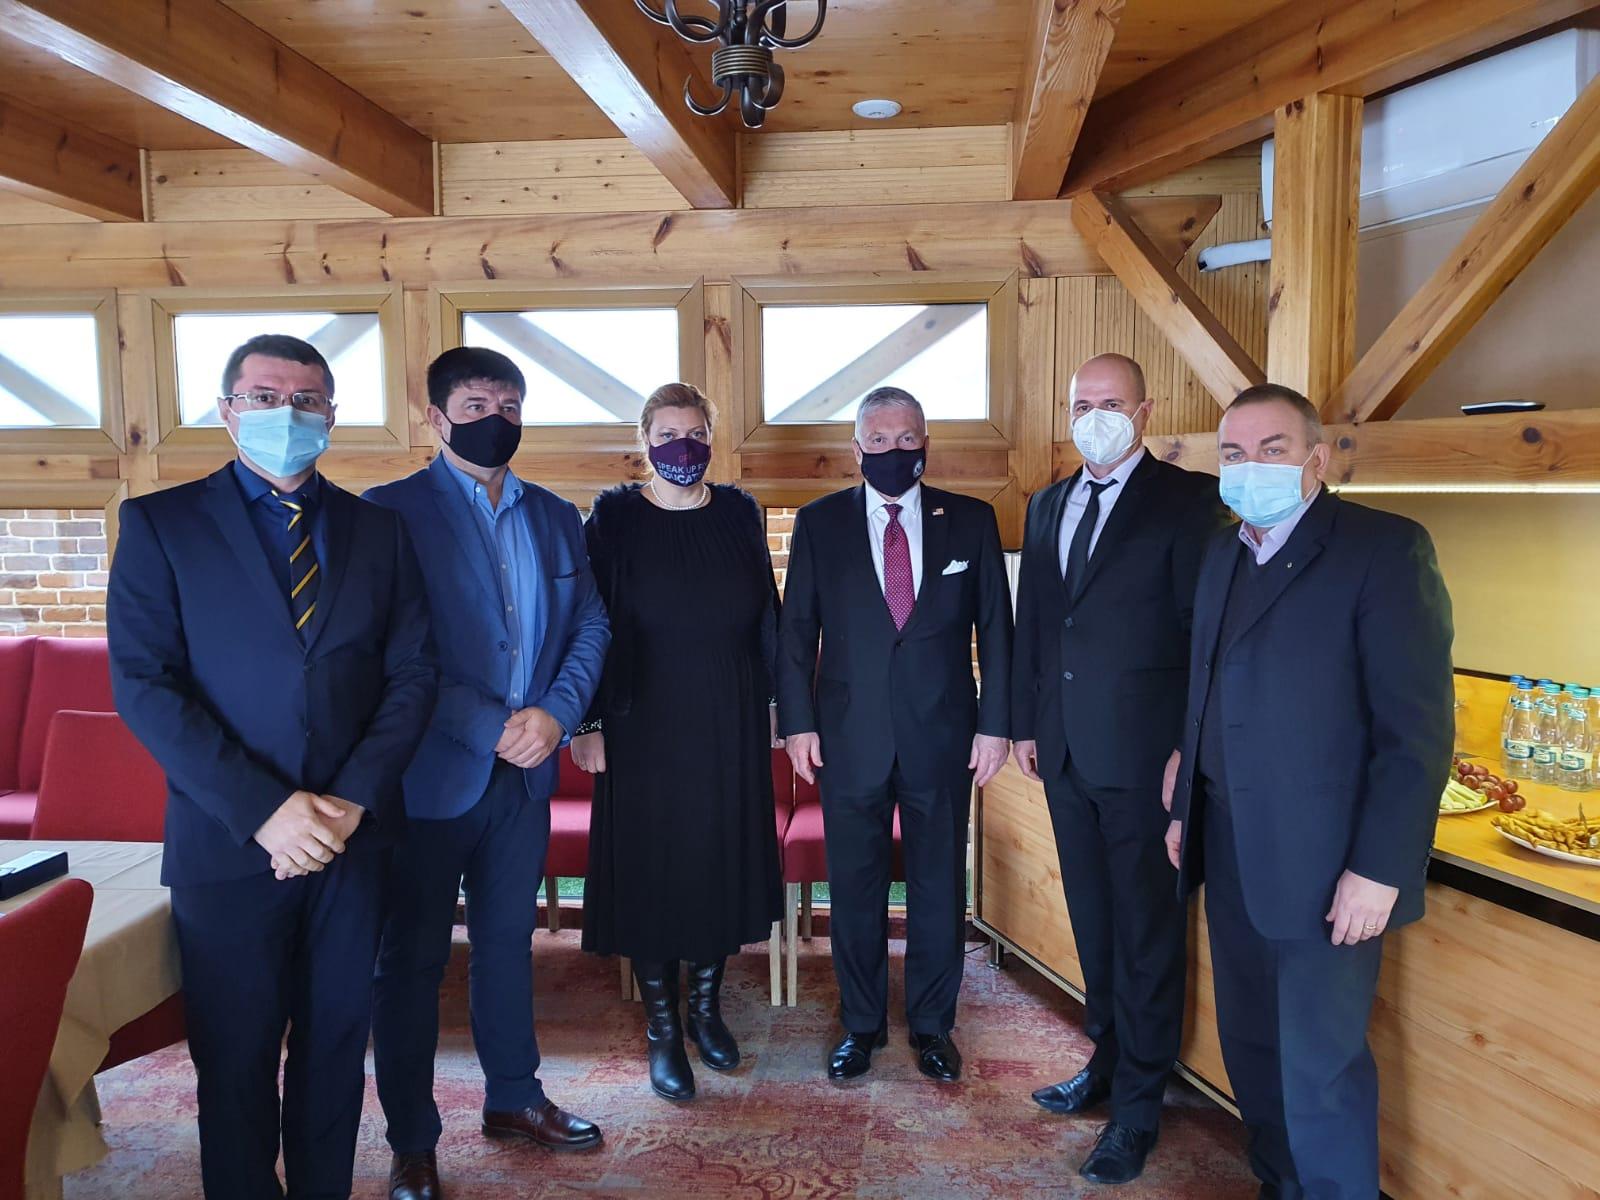 Amabasadorul SUA în România, Adrian Zuckerman, s-a întâlnit cu reprezentanți ai organizațiilor antreprenorilor sibieni